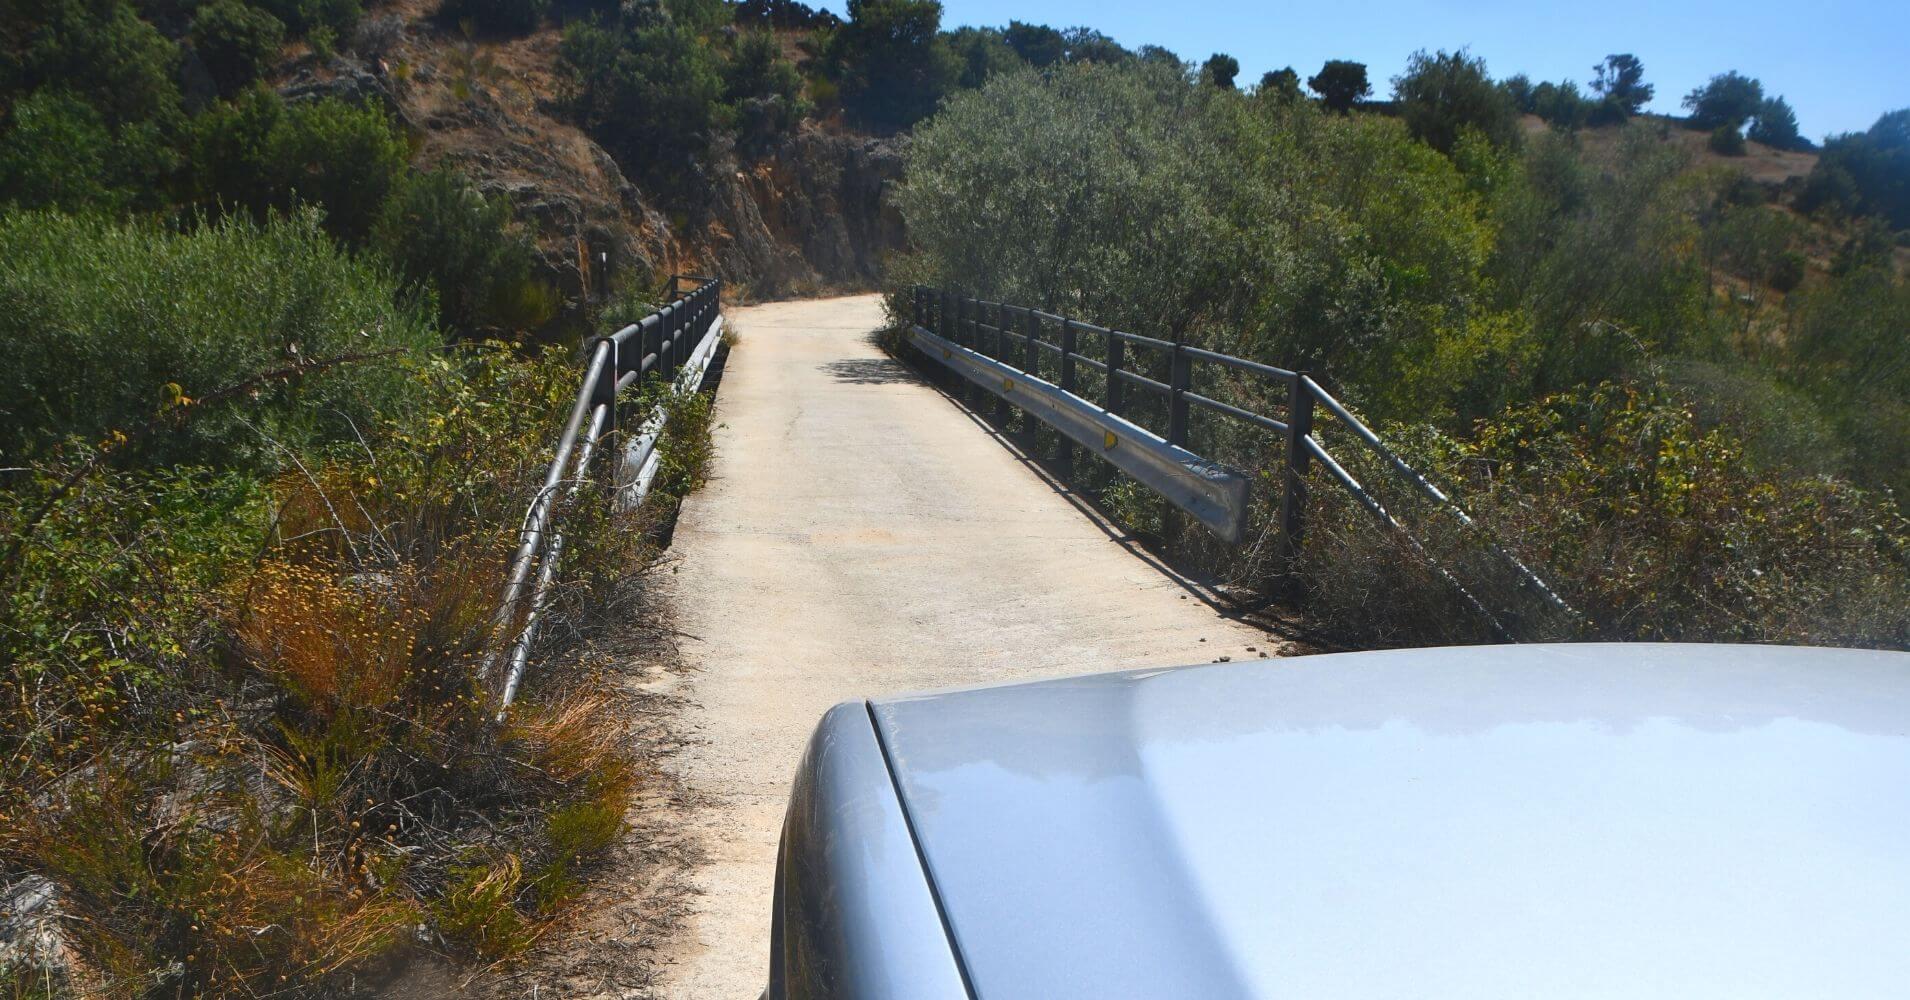 Puente de Remajarina. Embalse del Burguillo. El Barraco, Ávila. Castilla y León